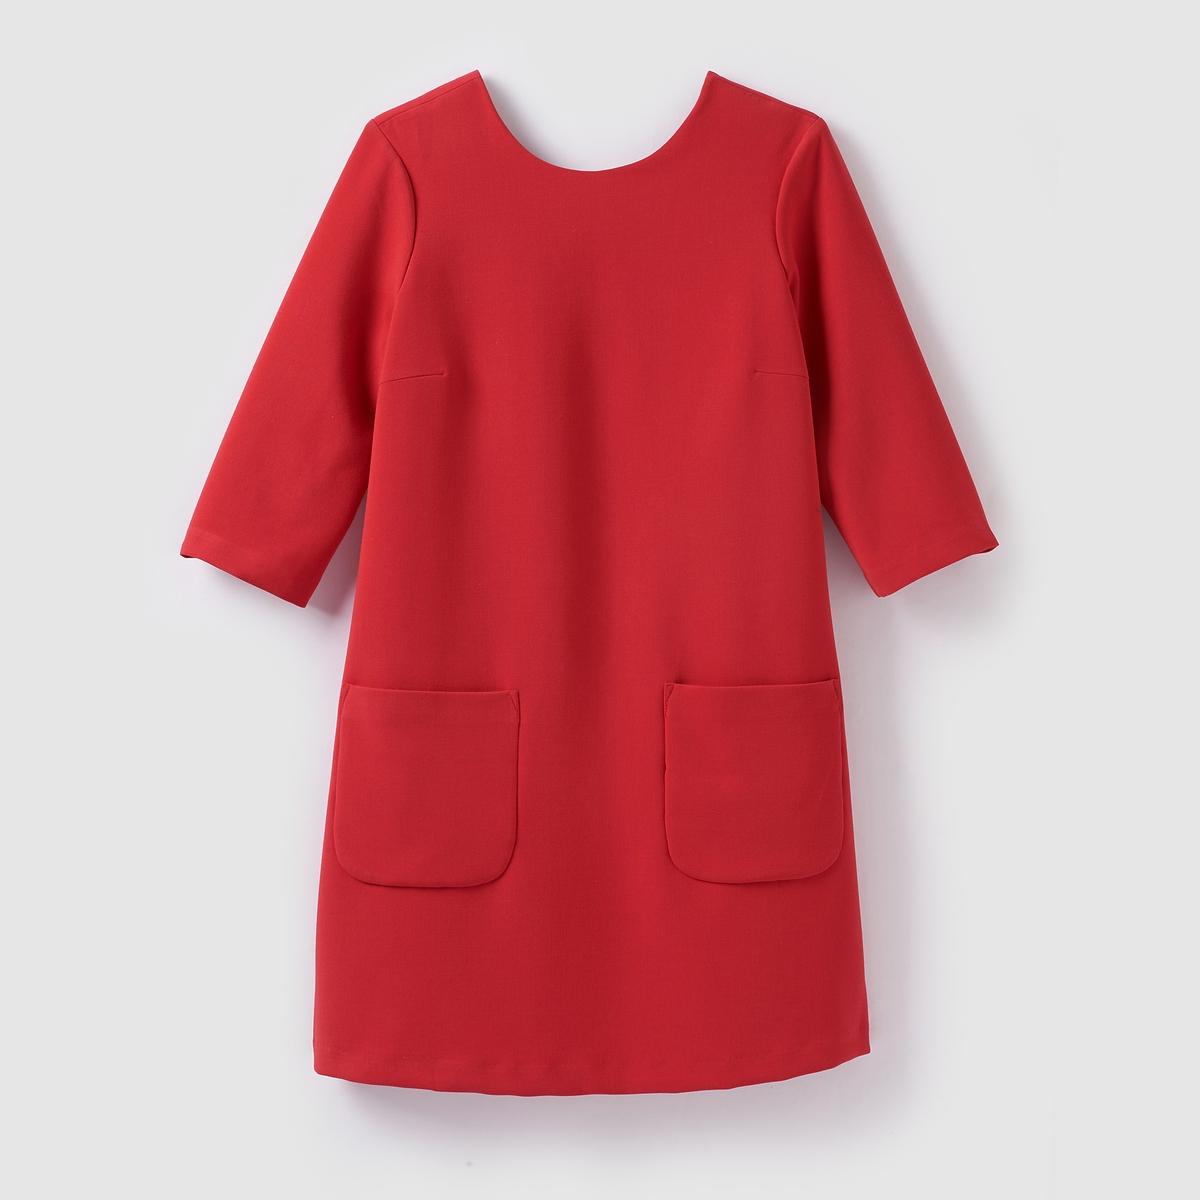 Платье короткое с короткими рукавамиПлатье короткое  VERO MODA . Прямой покрой. Круглый вырез. Короткие рукава.           Состав и деталиМатериал          63% полиэстера, 33% вискозы, 4% эластана Марка VERO MODA.               Уход     Следуйте рекомендациям по уходу, указанным на этикетке изделия<br><br>Цвет: красный,черный<br>Размер: S